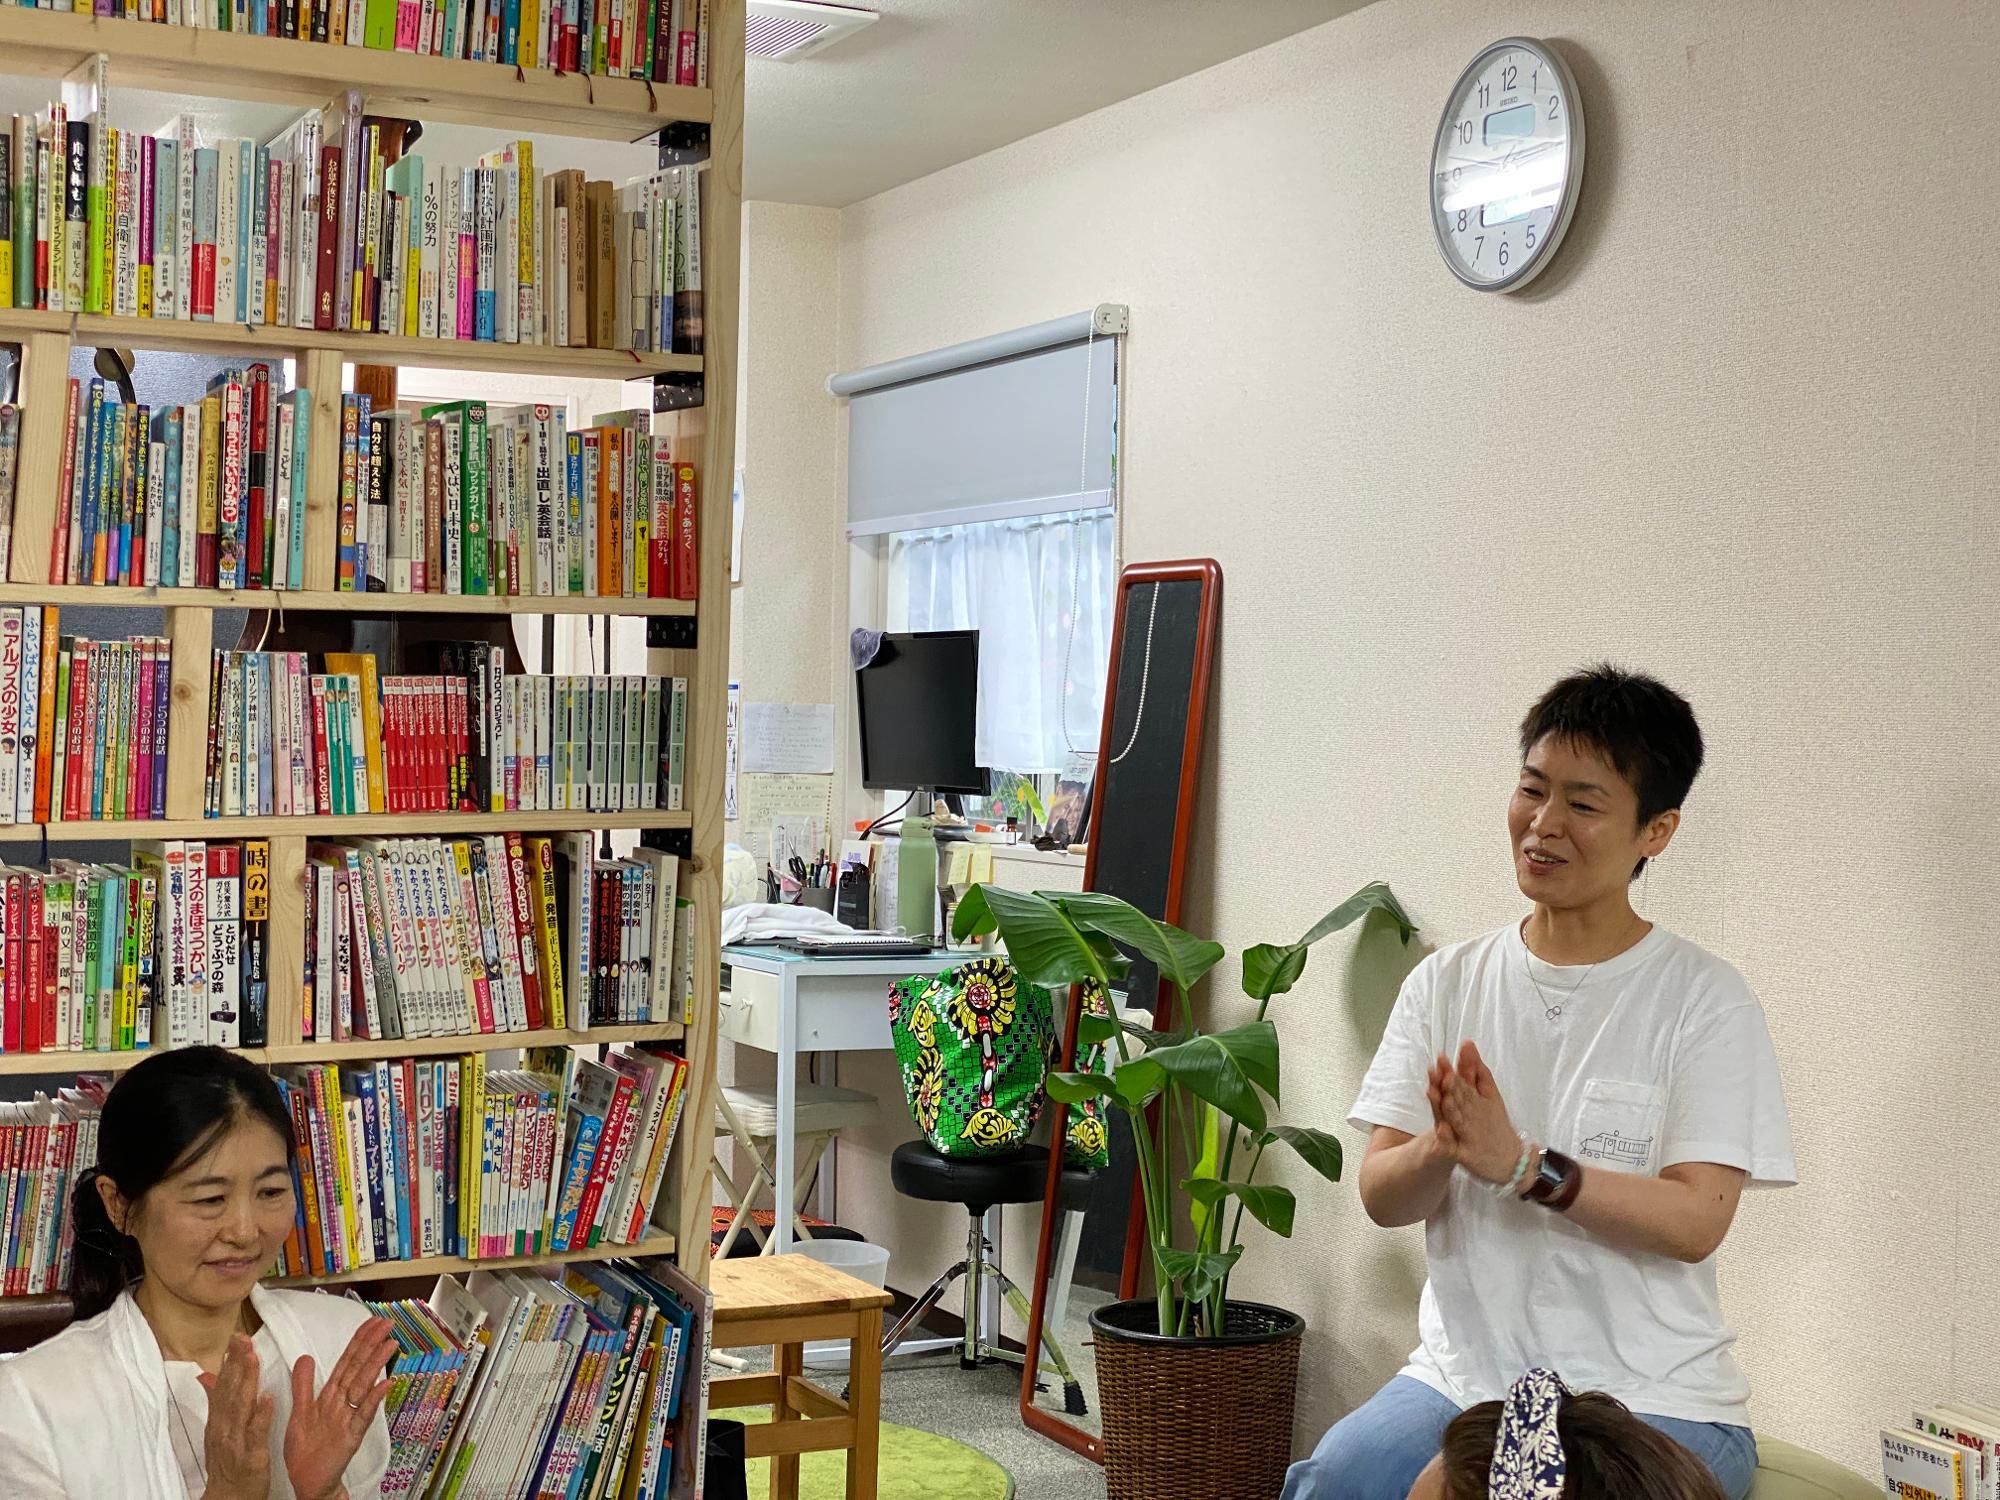 ぷらに創設者の青柳さん(右)と、館長で体験談を語ってくださったきょうこさん(左)